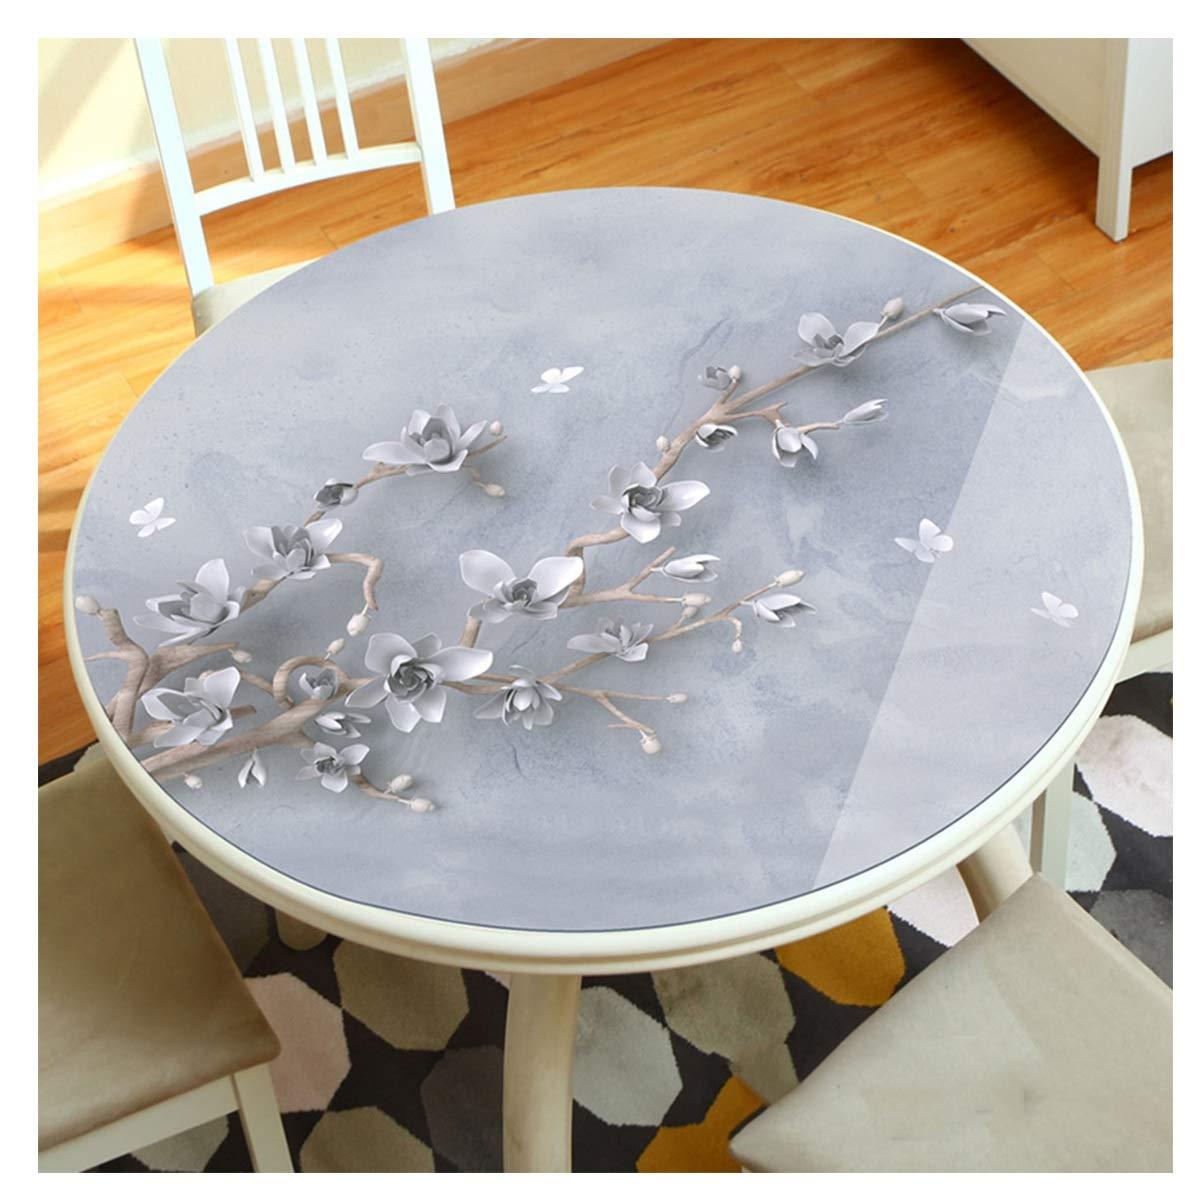 D 150cm LLH Nappe ronde de PVC, salon 3D à la maison imprihommet la grande nappe ronde imperméable à l'huile de nappe en plastique de table basse ZHUOB (Couleur   E, taille   200cm)